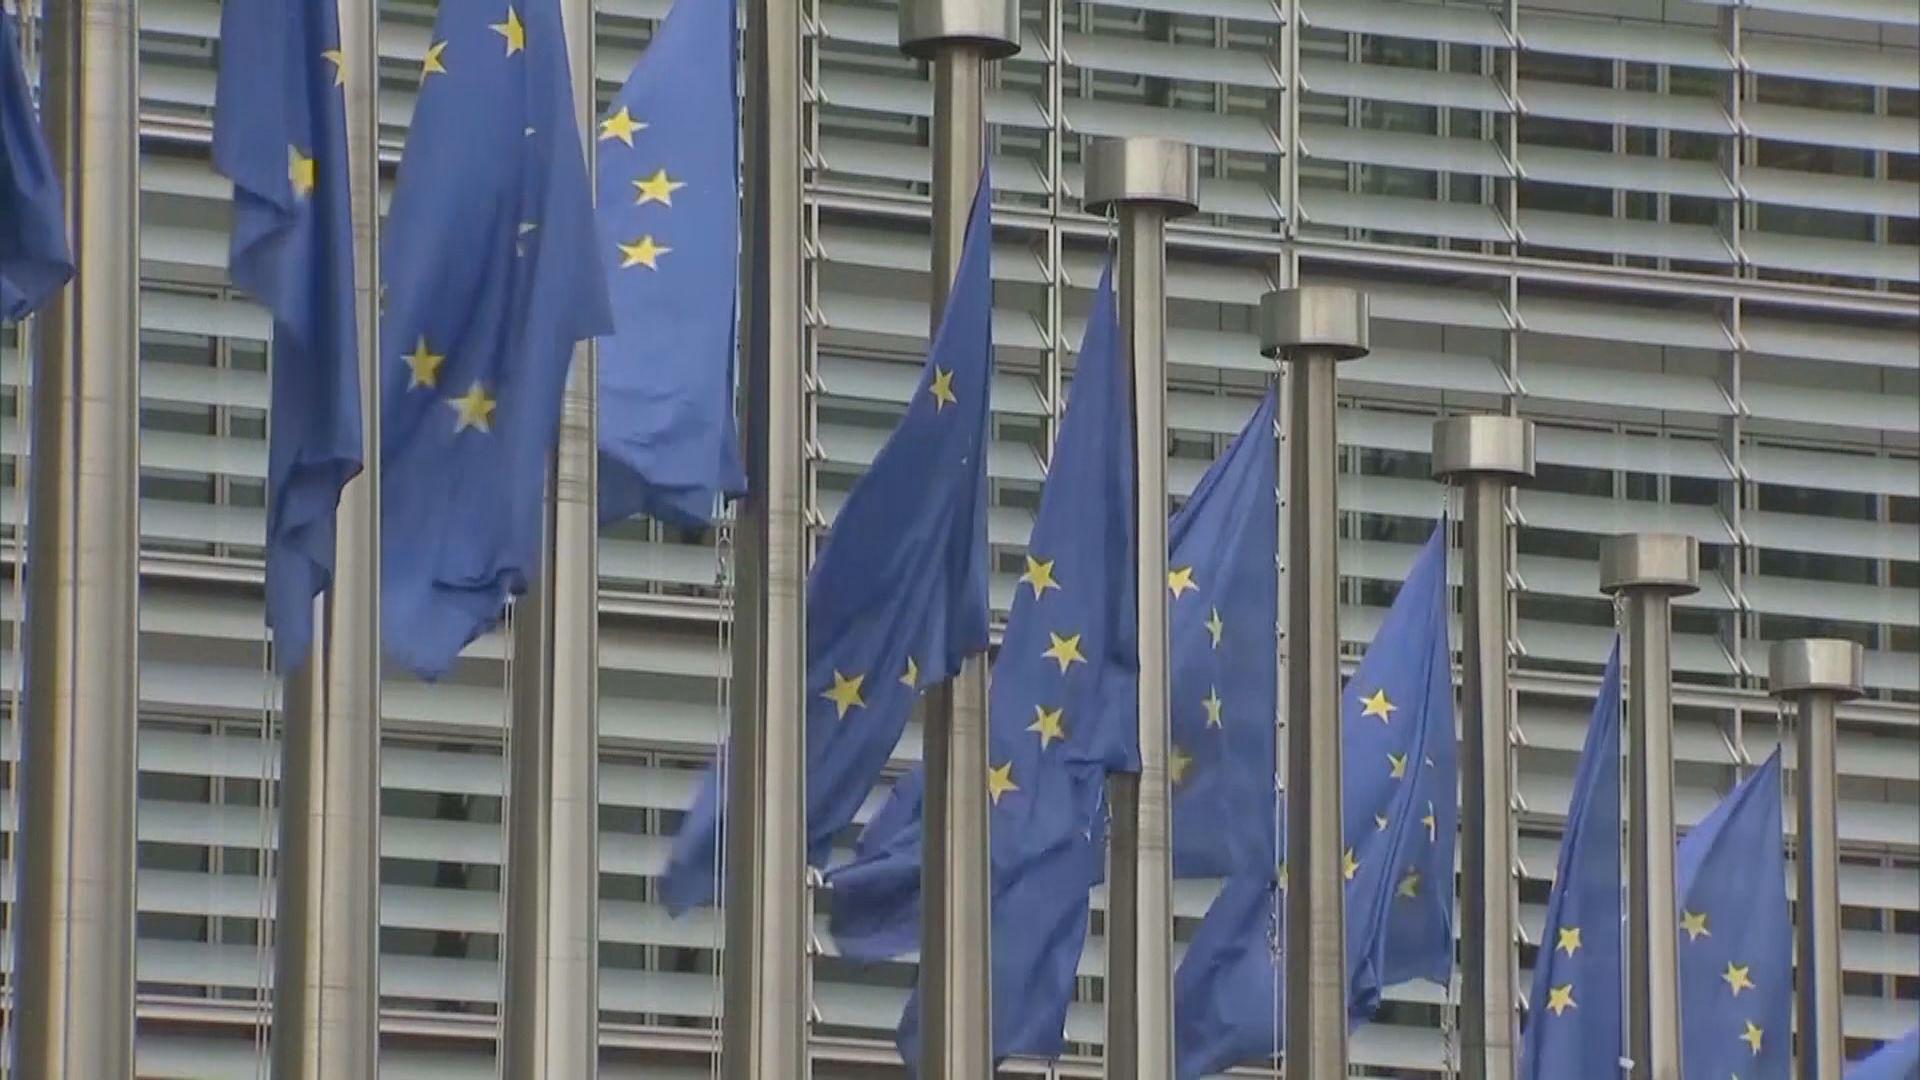 歐盟:拘捕黃之鋒令人不安 質疑中國破壞信任